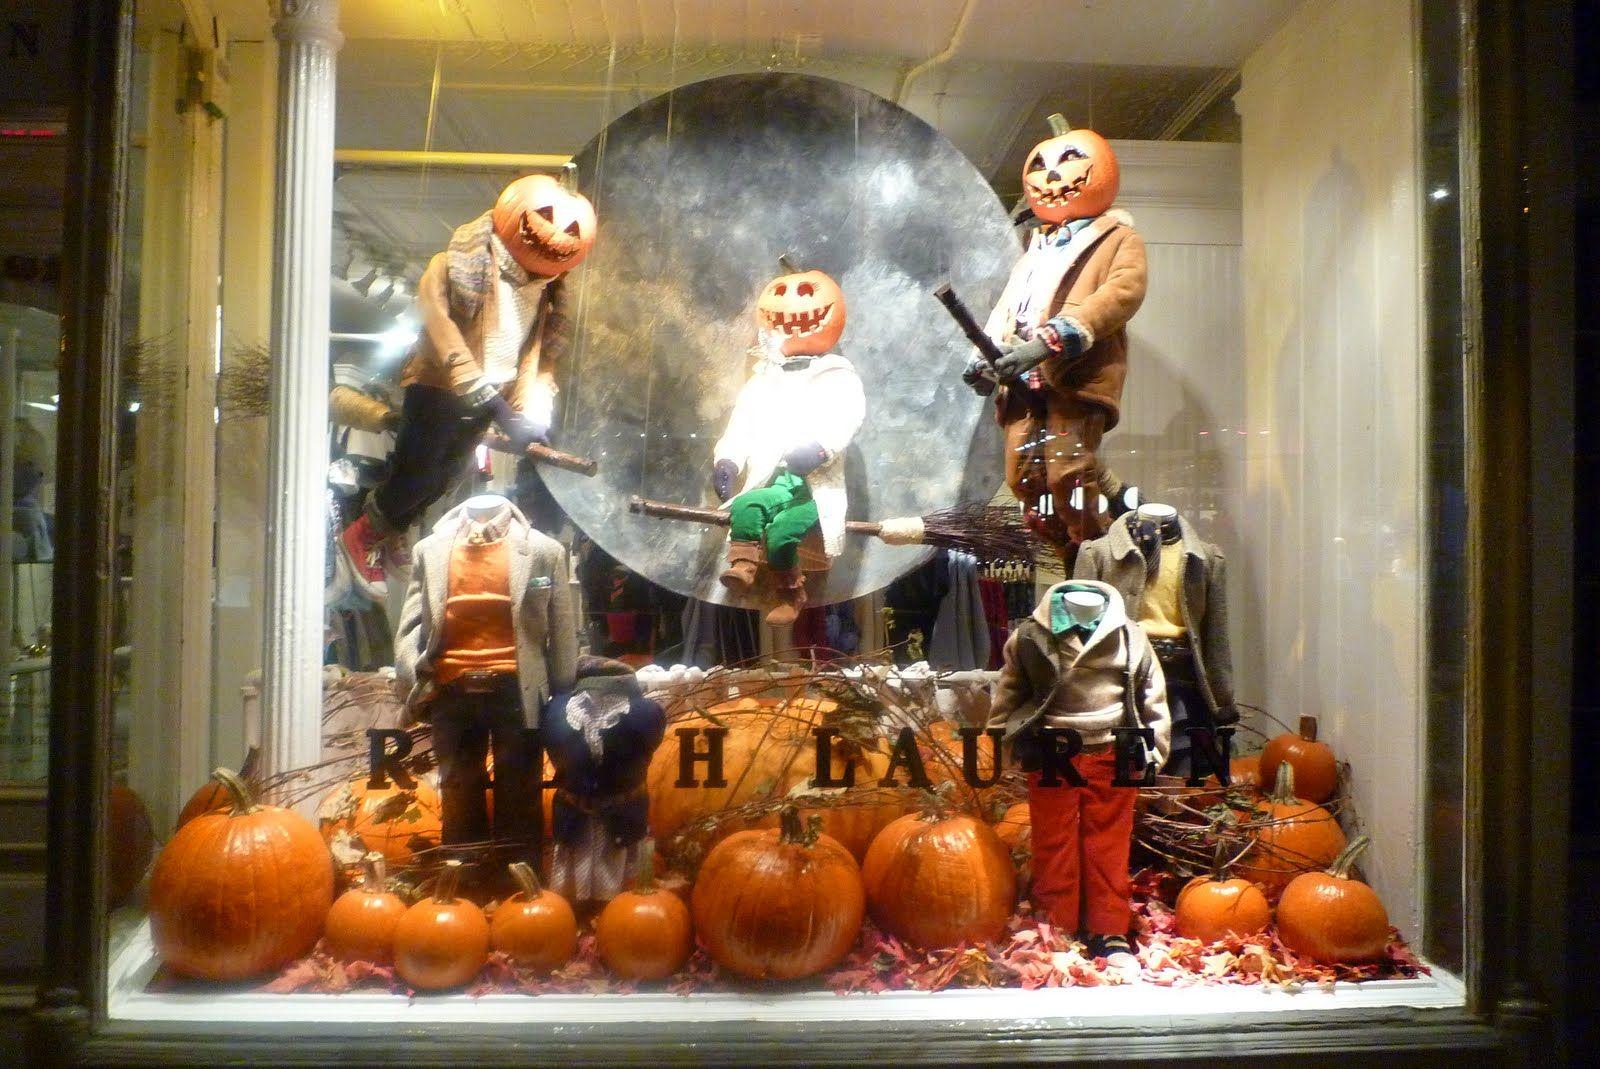 Decoration Halloween Magasin.Epingle Par Retro Twist Sur Shopping Magasin Halloween Boutique Halloween Decoration Halloween